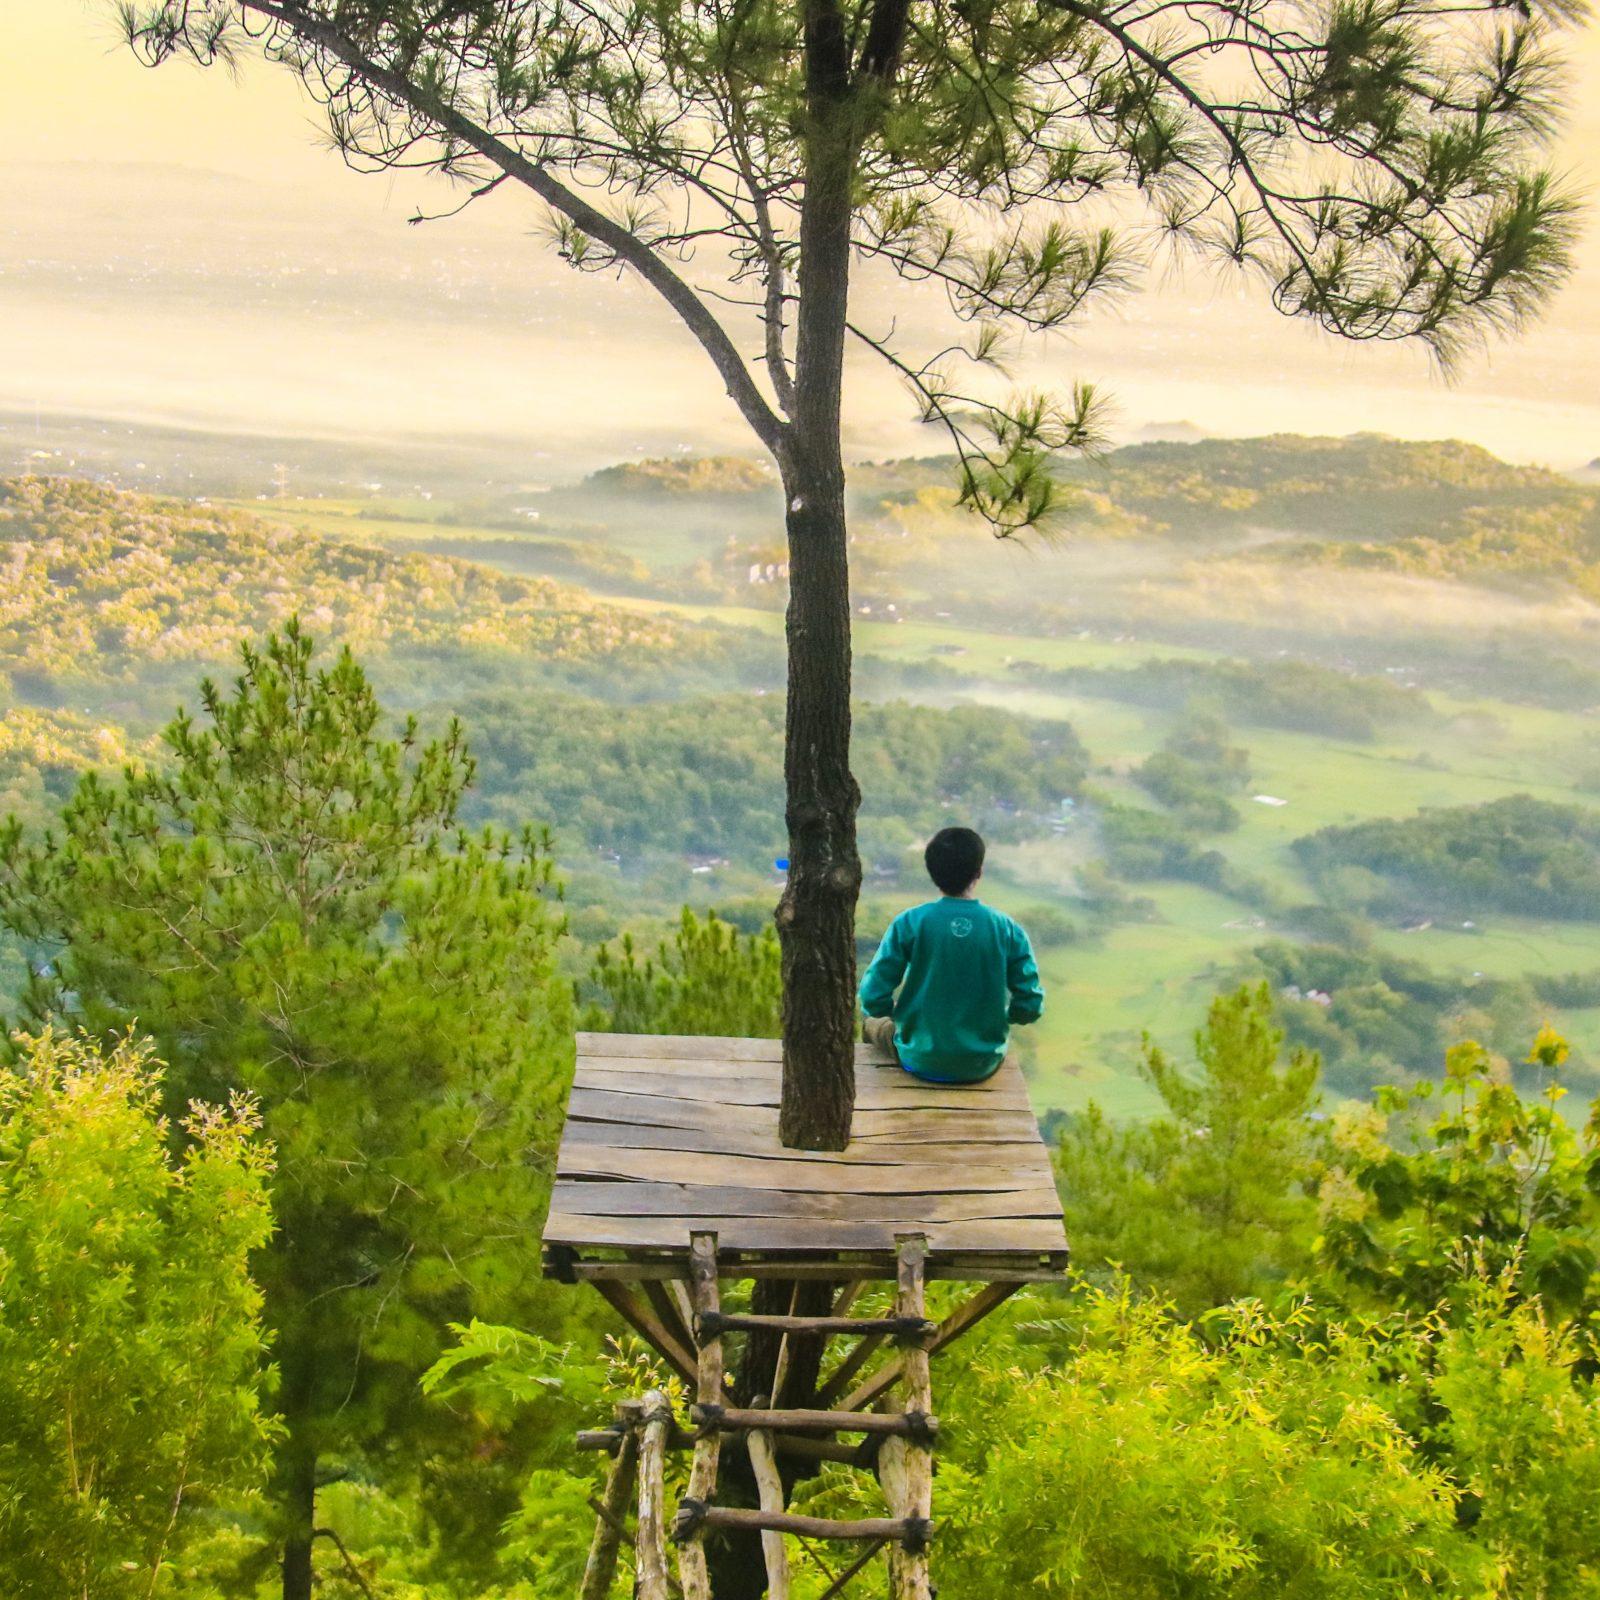 zelfvertrouwen man op een vlonder in boom kijkend over groen landschap